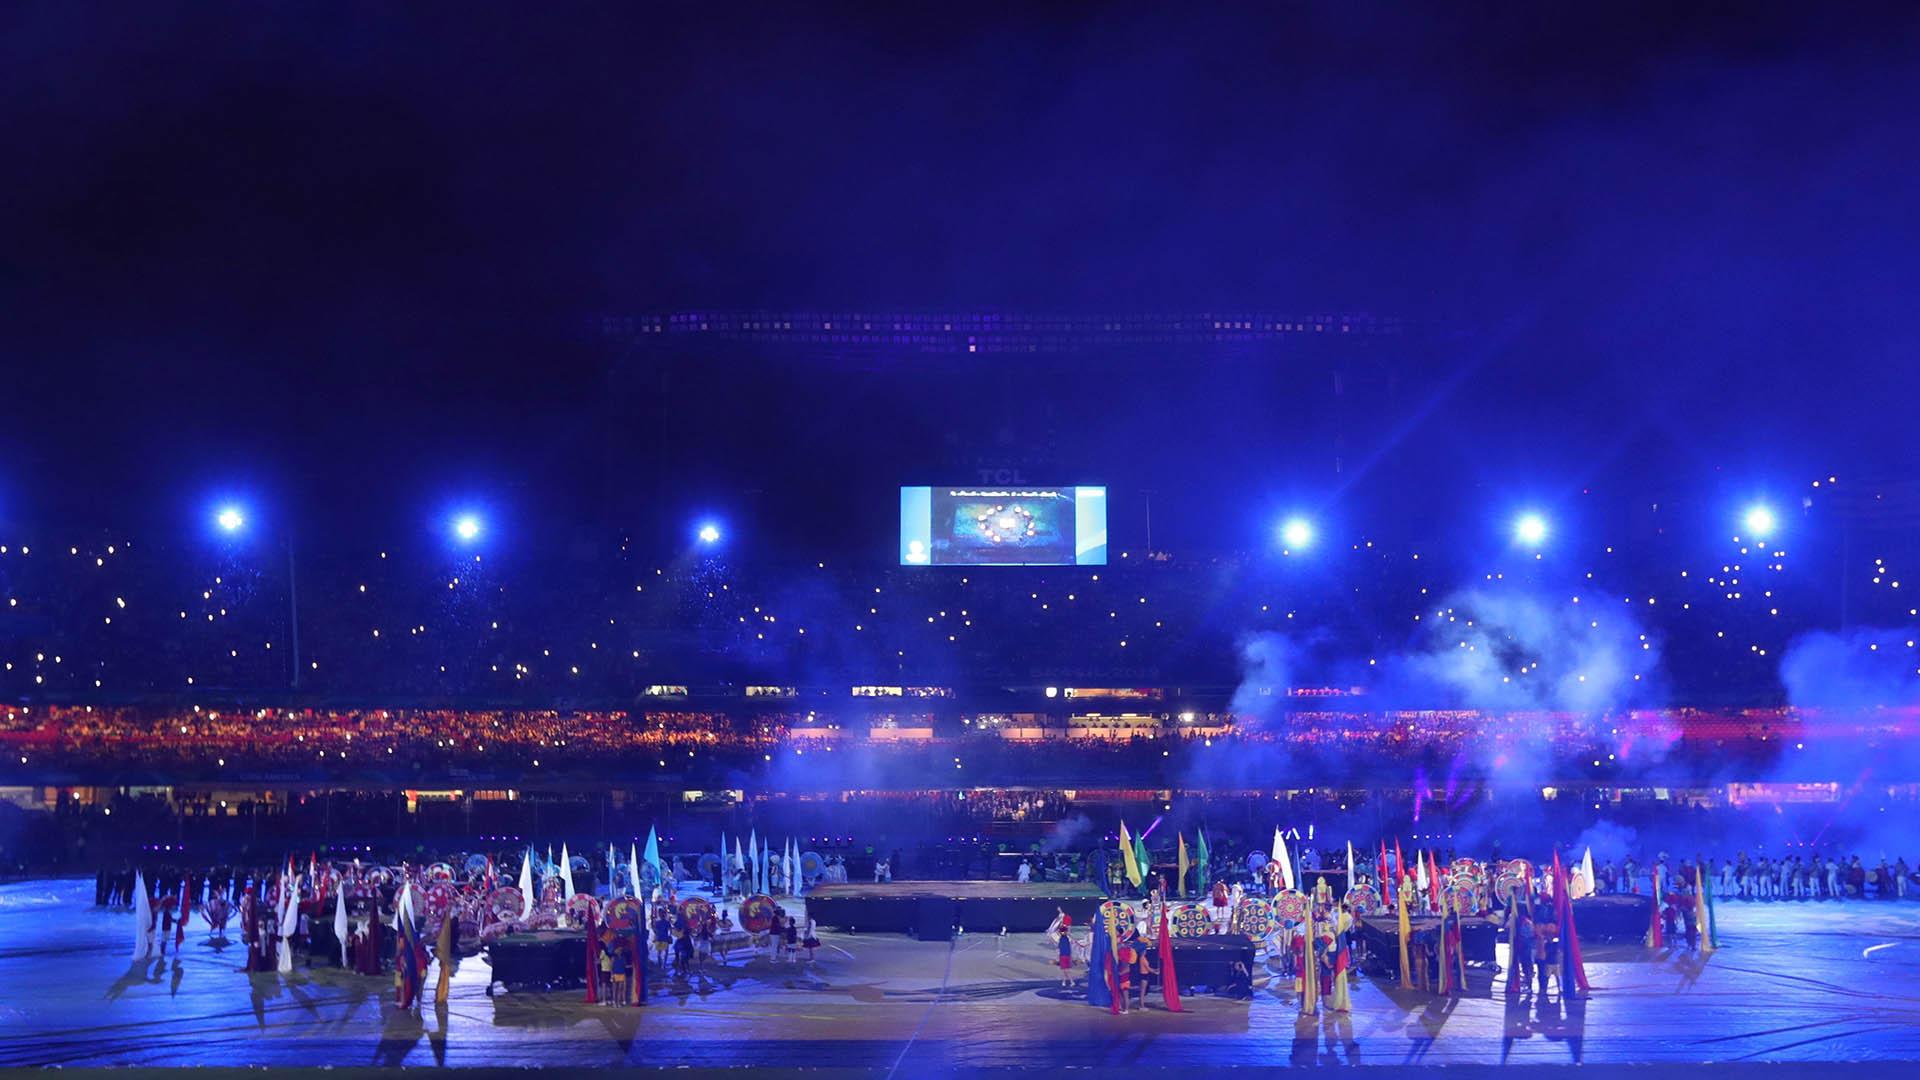 El Estadio Morumbí es uno de los escenarios míticos del fútbol de ese país